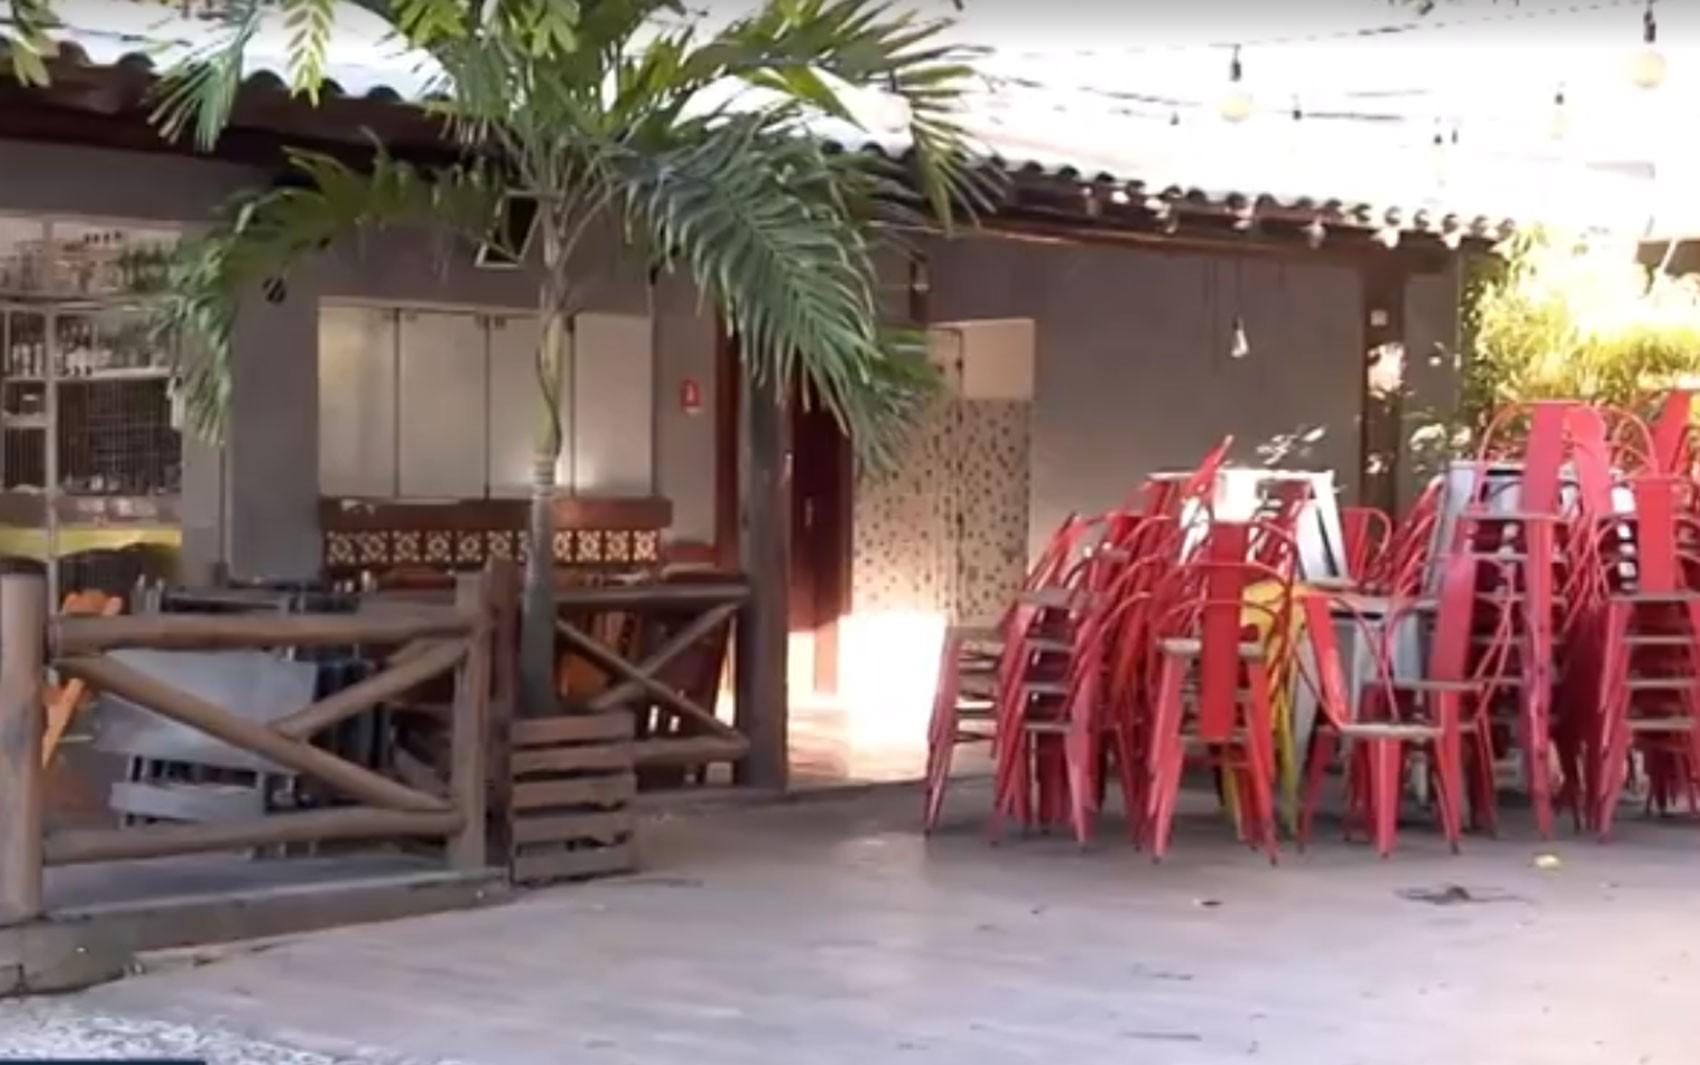 Restaurantes e lanchonetes de Feira de Santana são autorizados a reabrir com capacidade reduzida